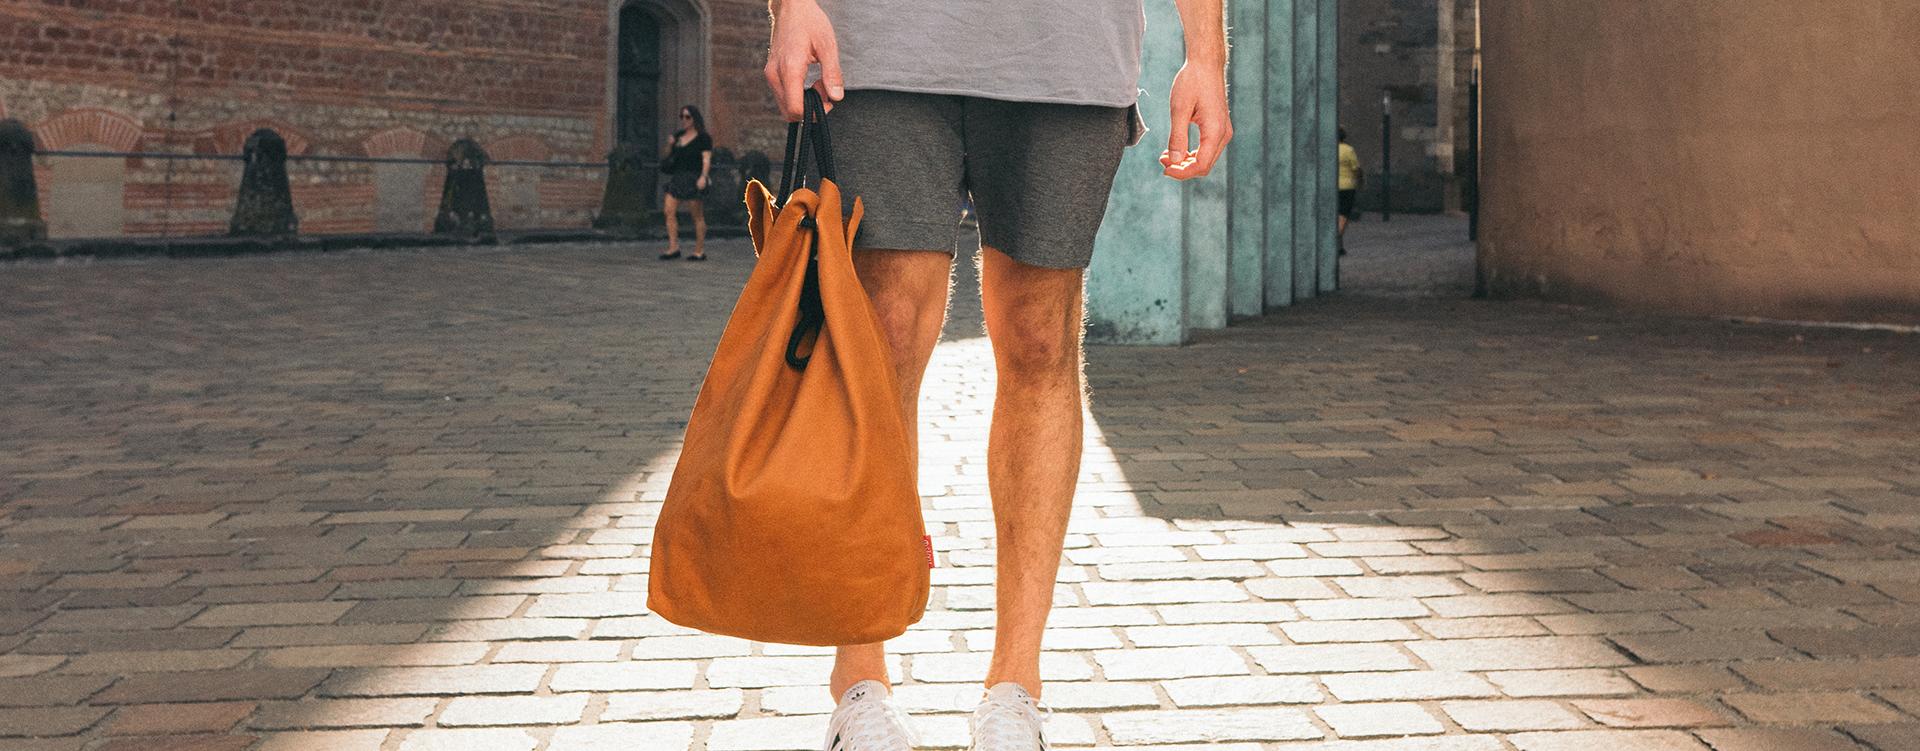 Cognac-Handtasche-handgefertigt-Slider